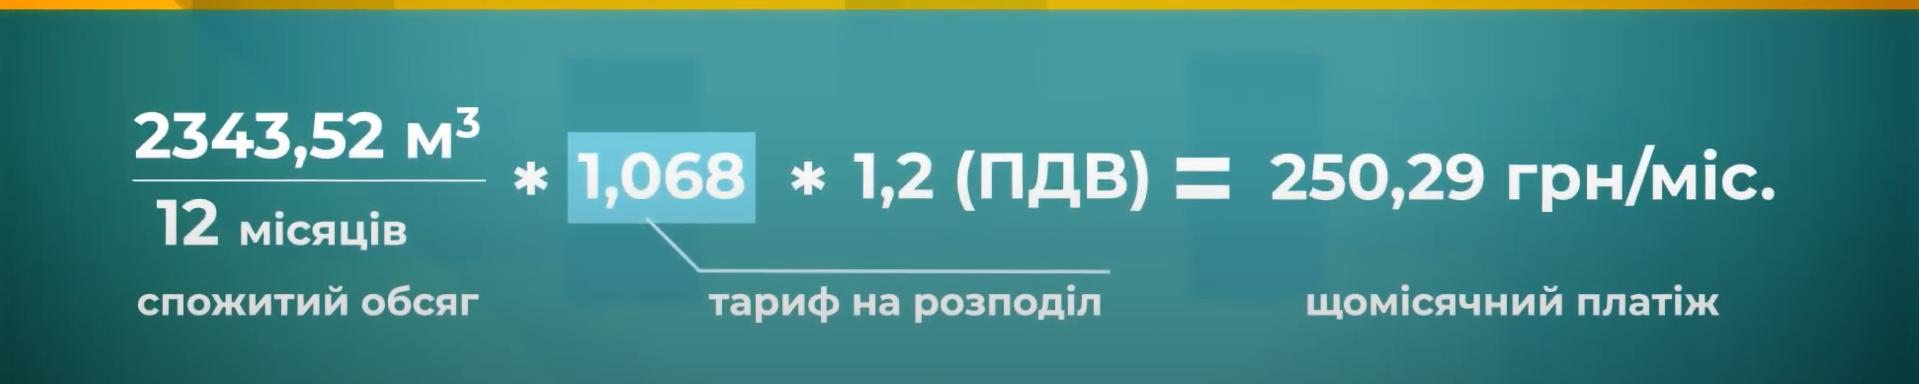 Природний газ для населення: які прогнози? - Нафтогаз, комунальні послуги, газ для населення - Bezymyannyj 13